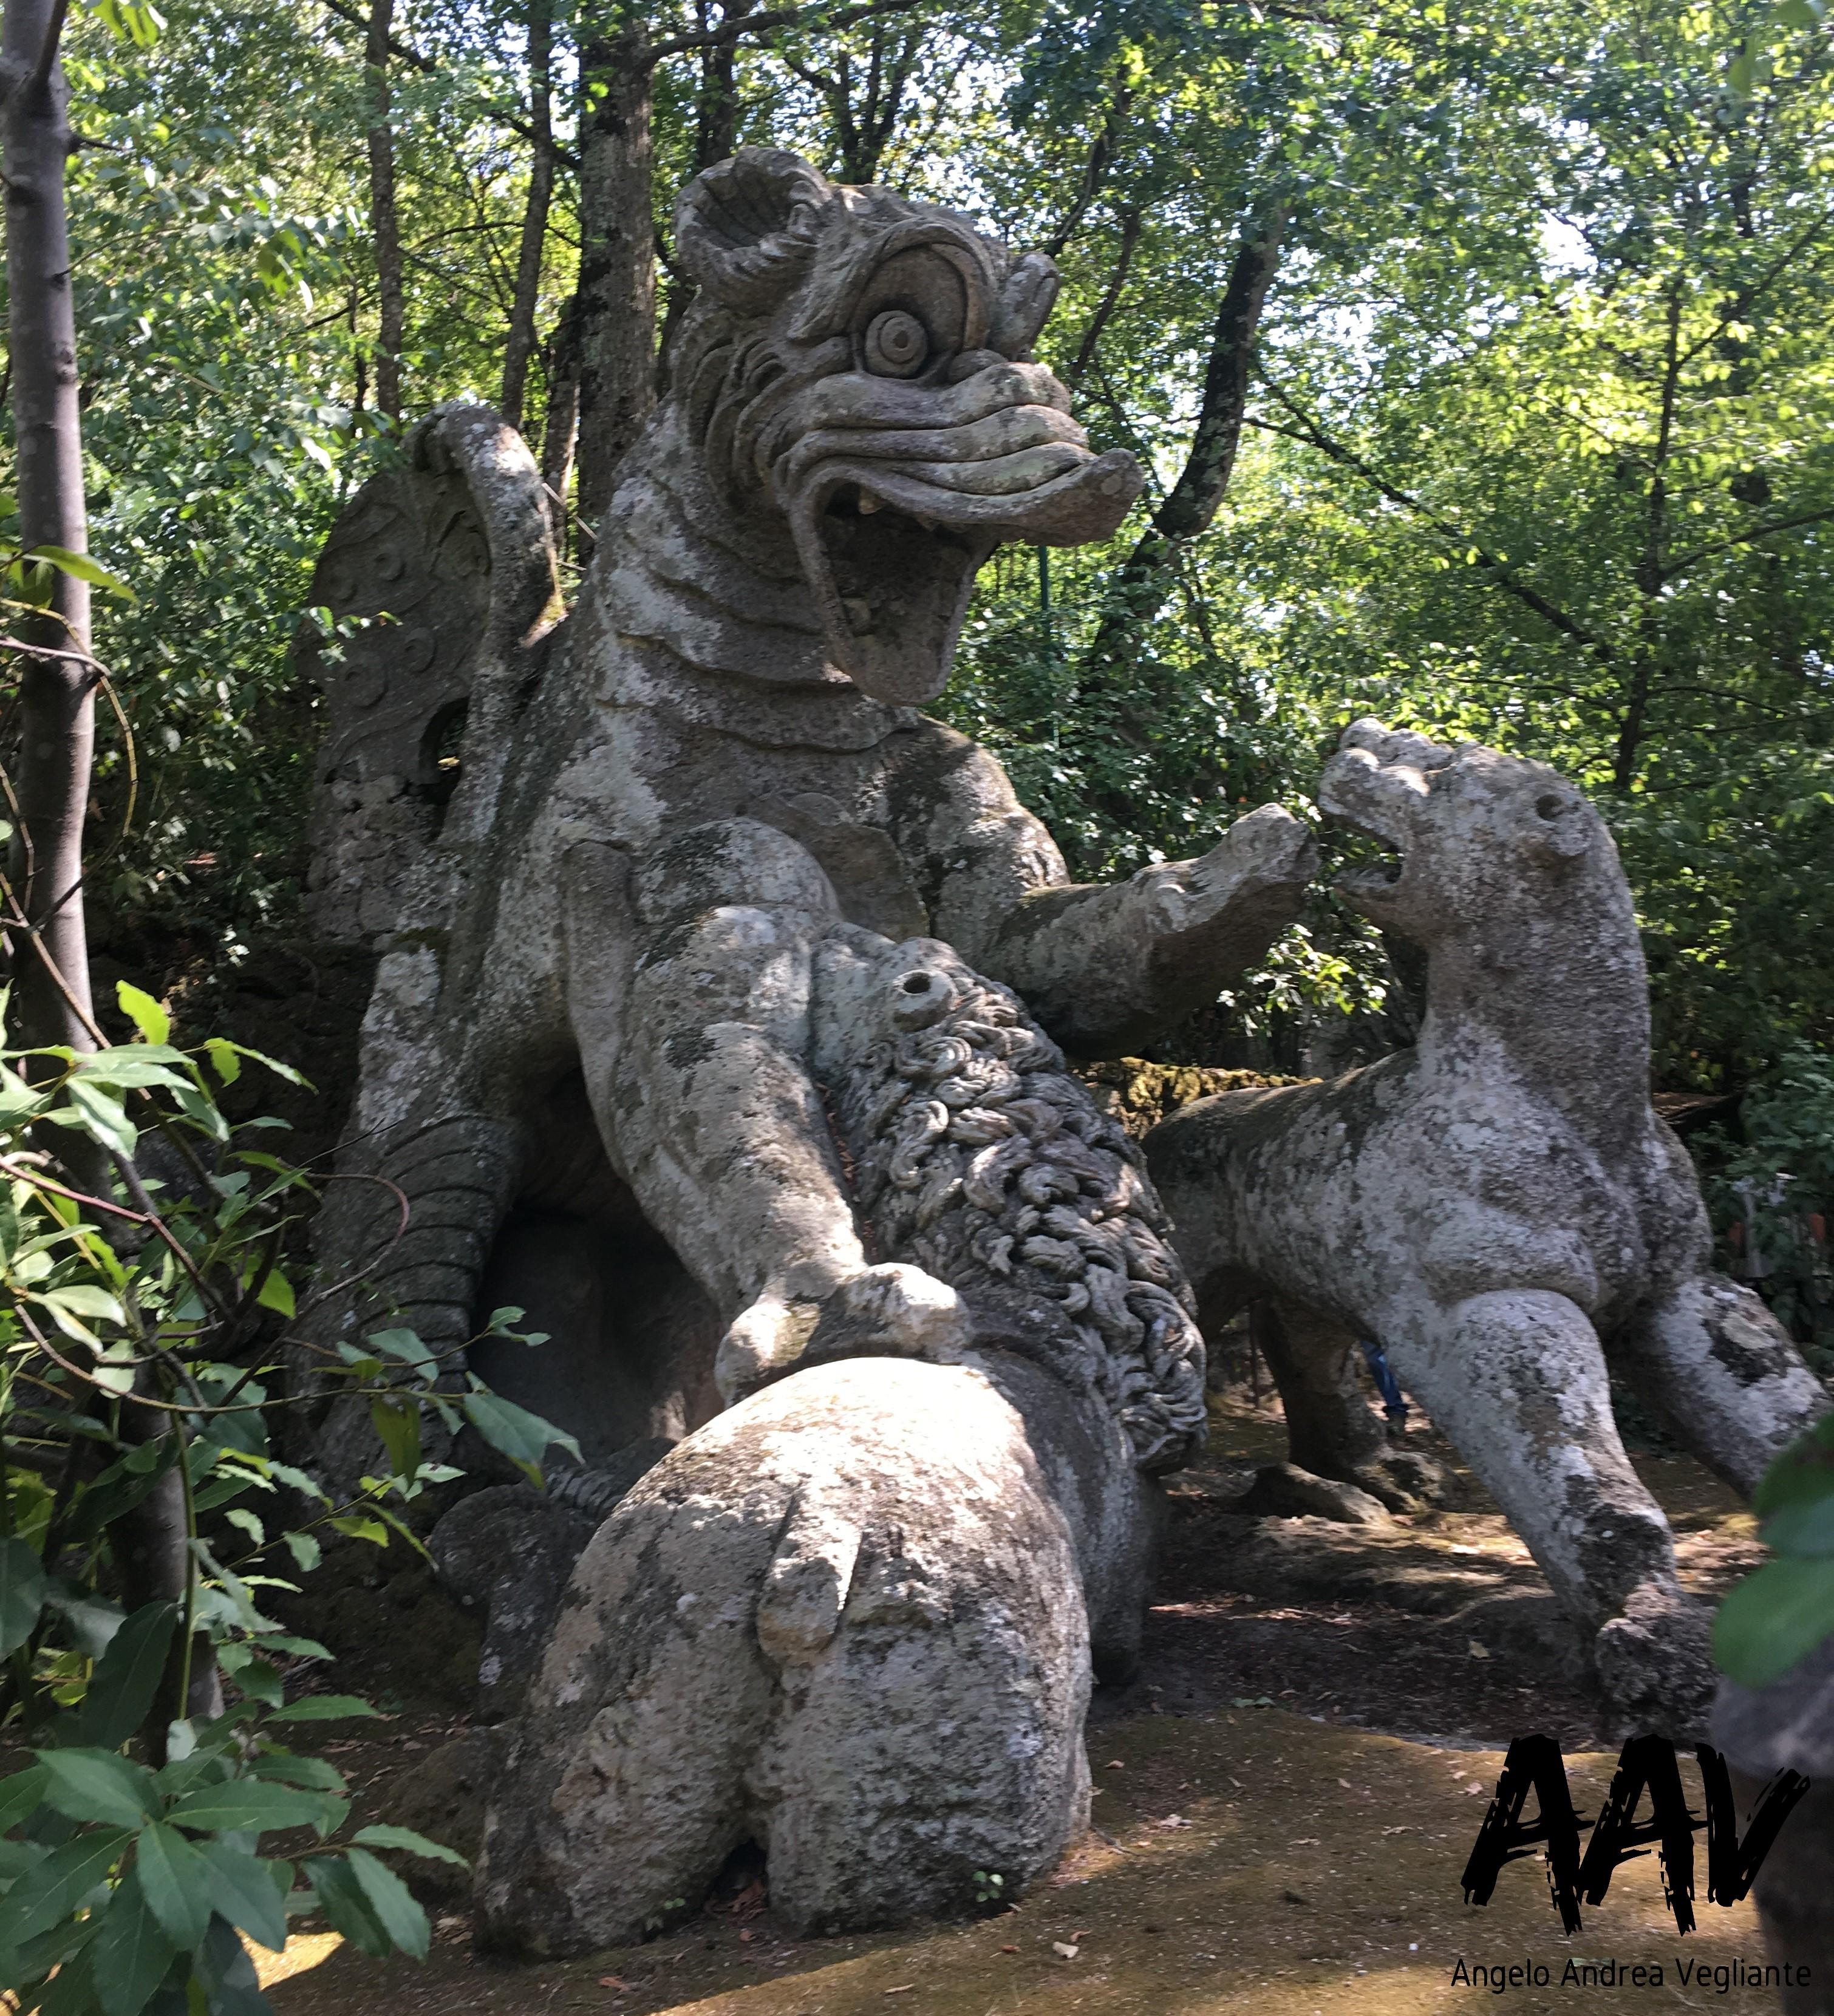 drago-viverna-parco dei mostri-bomarzo-viterbo-angelo andrea vegliante-colui che veglia-viaggia